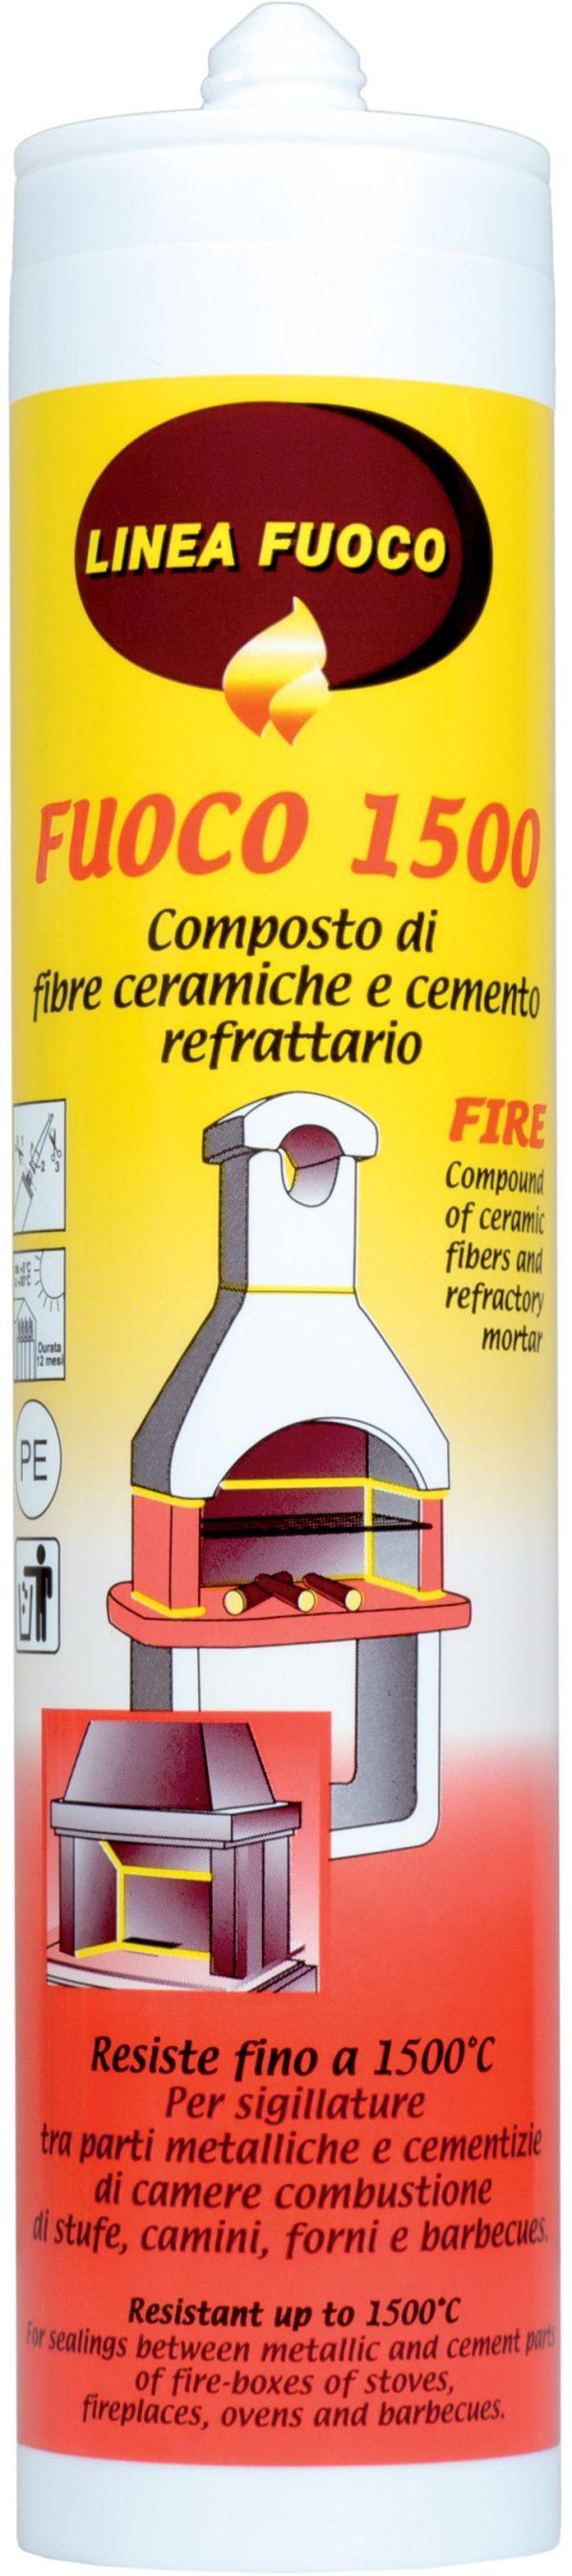 silicone per alte temperature, silicone resistente al fuoco